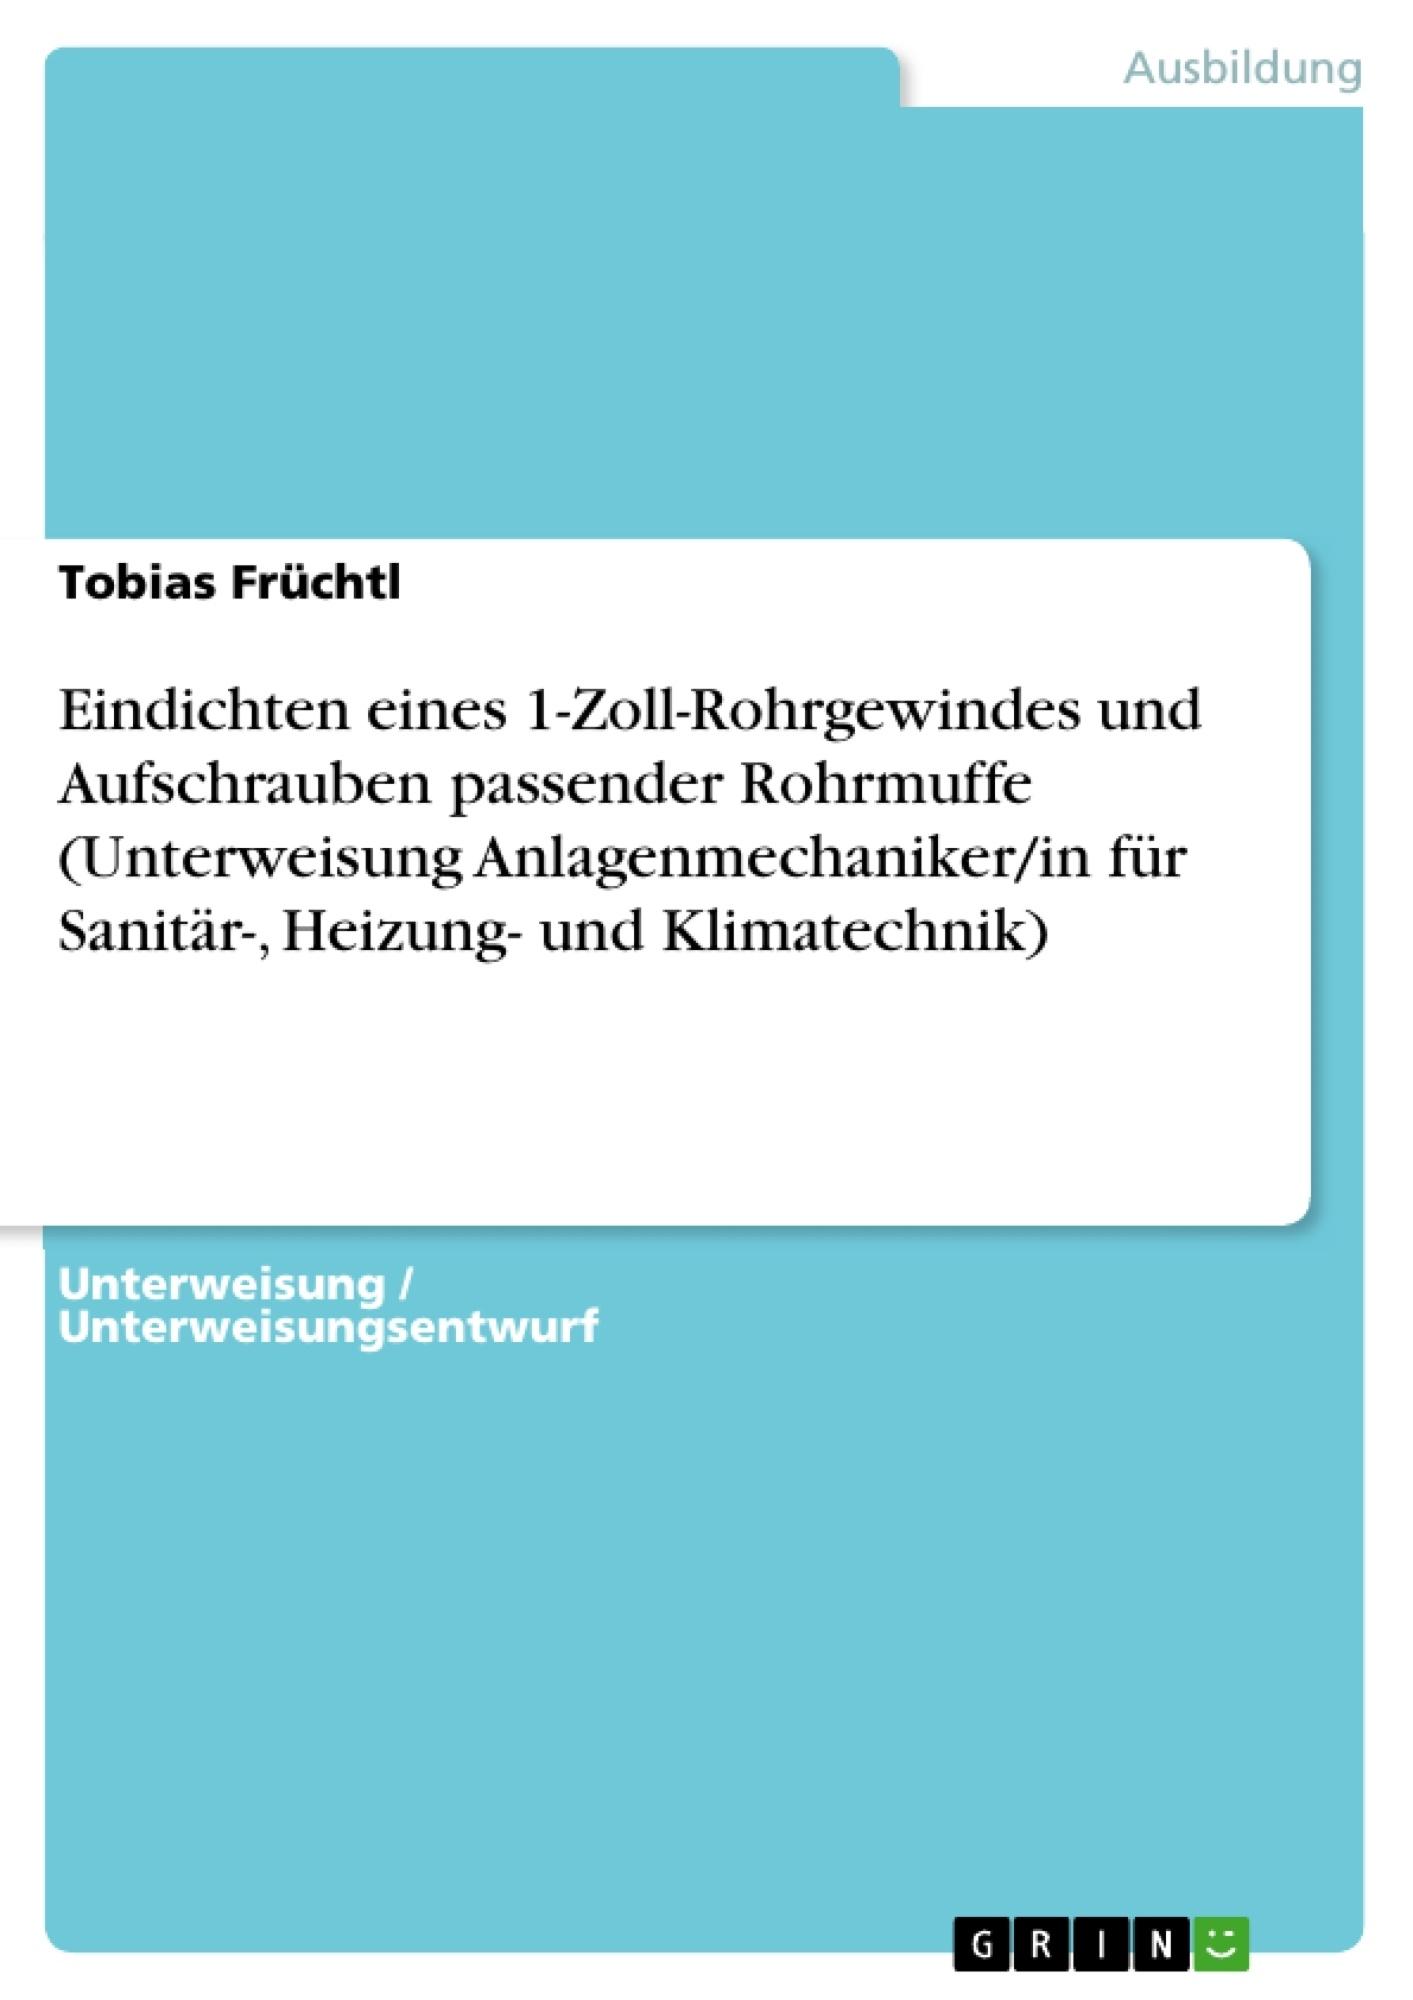 Titel: Eindichten eines 1-Zoll-Rohrgewindes und Aufschrauben passender Rohrmuffe (Unterweisung Anlagenmechaniker/in für Sanitär-, Heizung- und Klimatechnik)